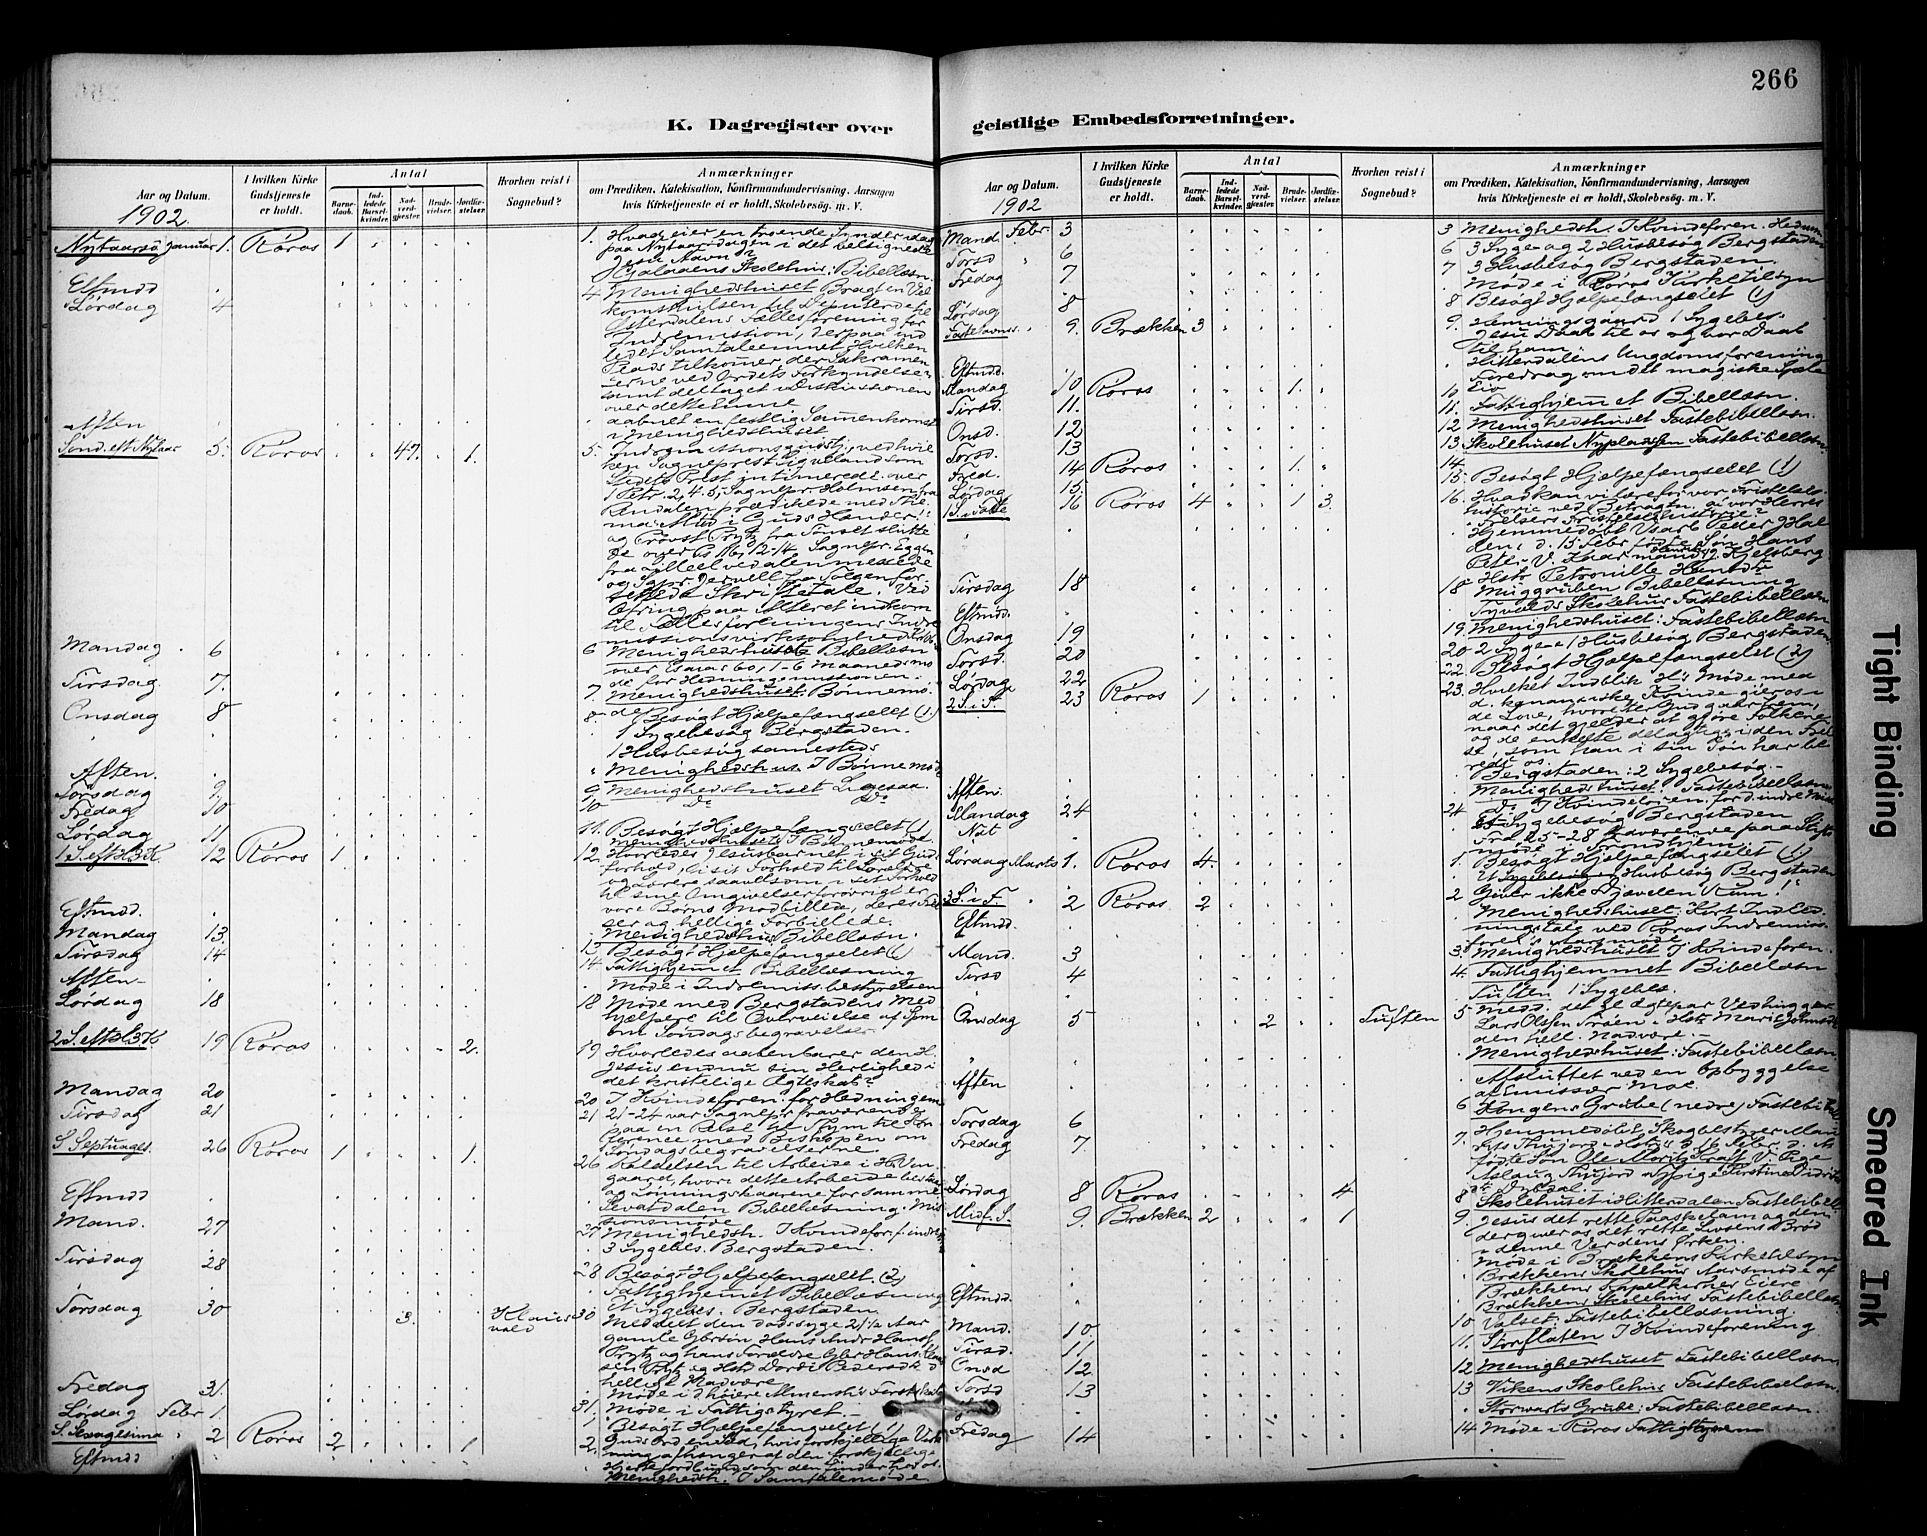 SAT, Ministerialprotokoller, klokkerbøker og fødselsregistre - Sør-Trøndelag, 681/L0936: Ministerialbok nr. 681A14, 1899-1908, s. 266